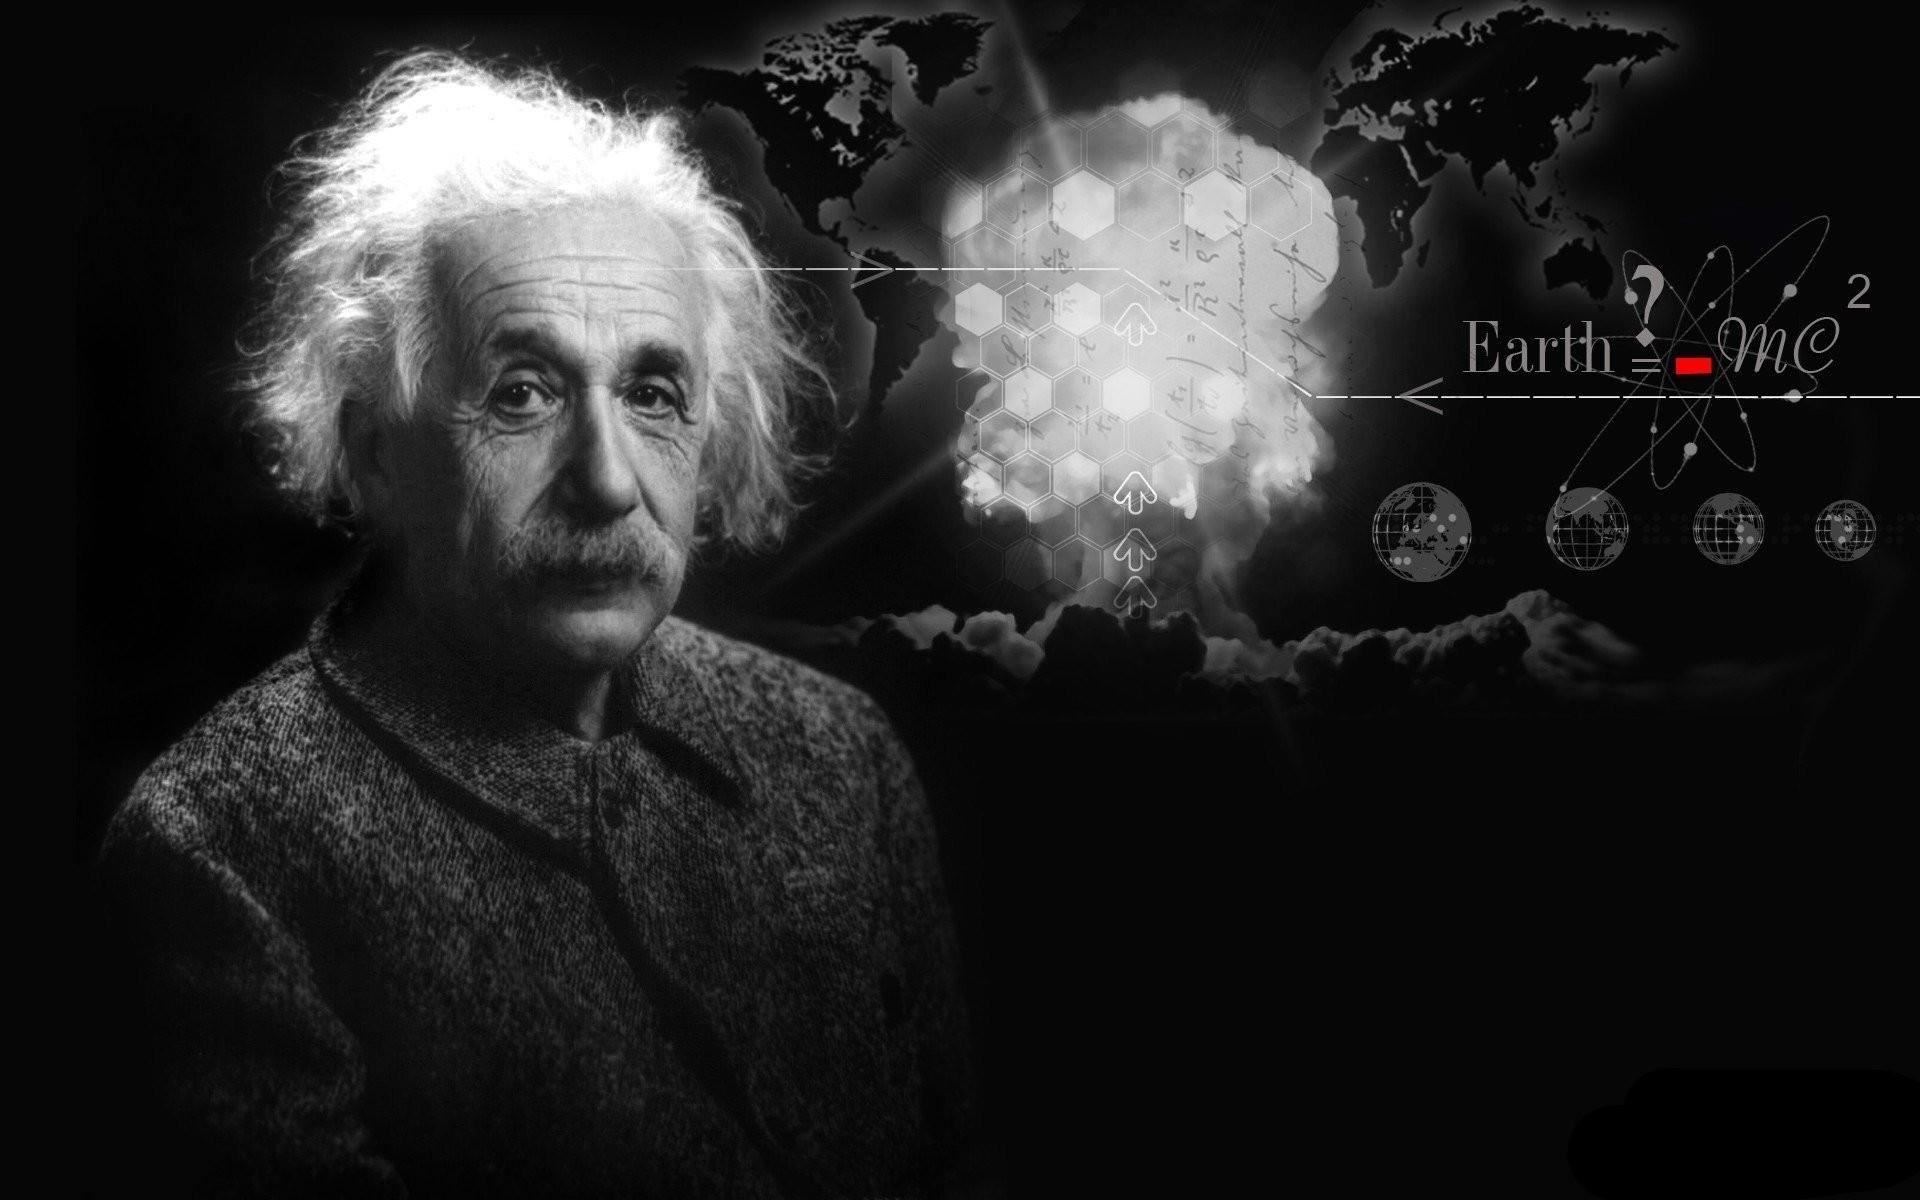 albert einstein albert einstein scientist physics theorist face formula  background